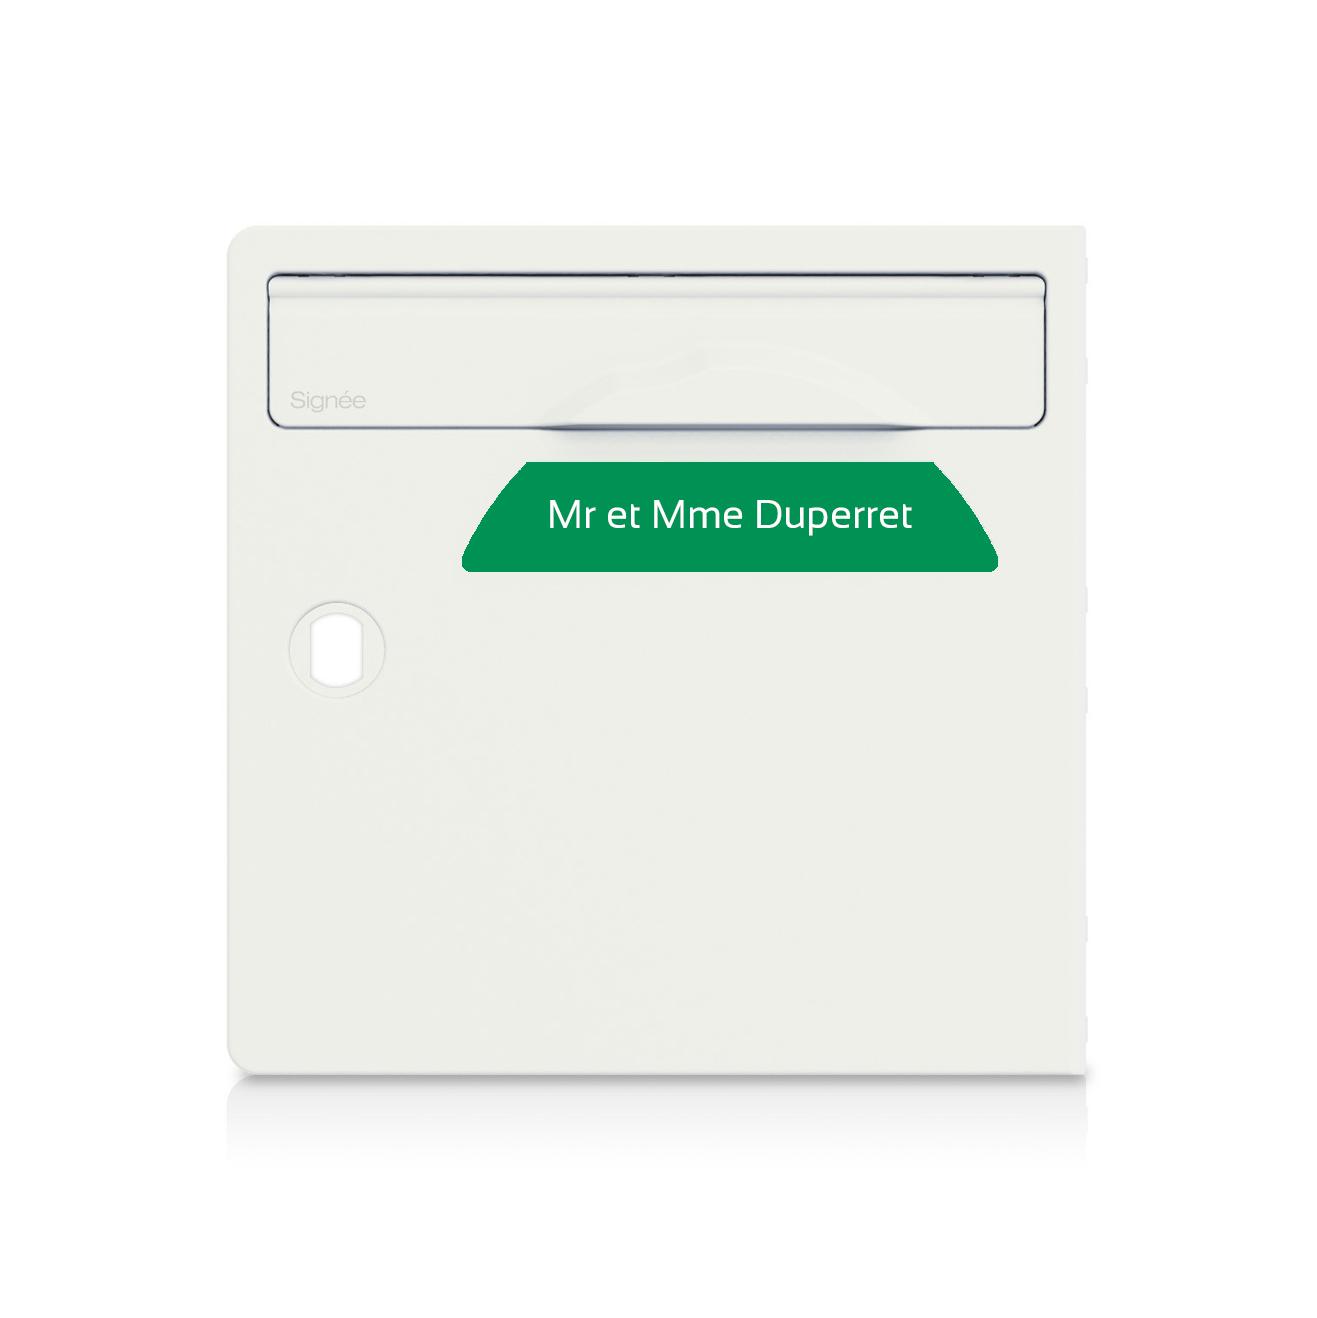 Plaque boite aux lettres Signée vert pomme lettres blanches - 1 ligne